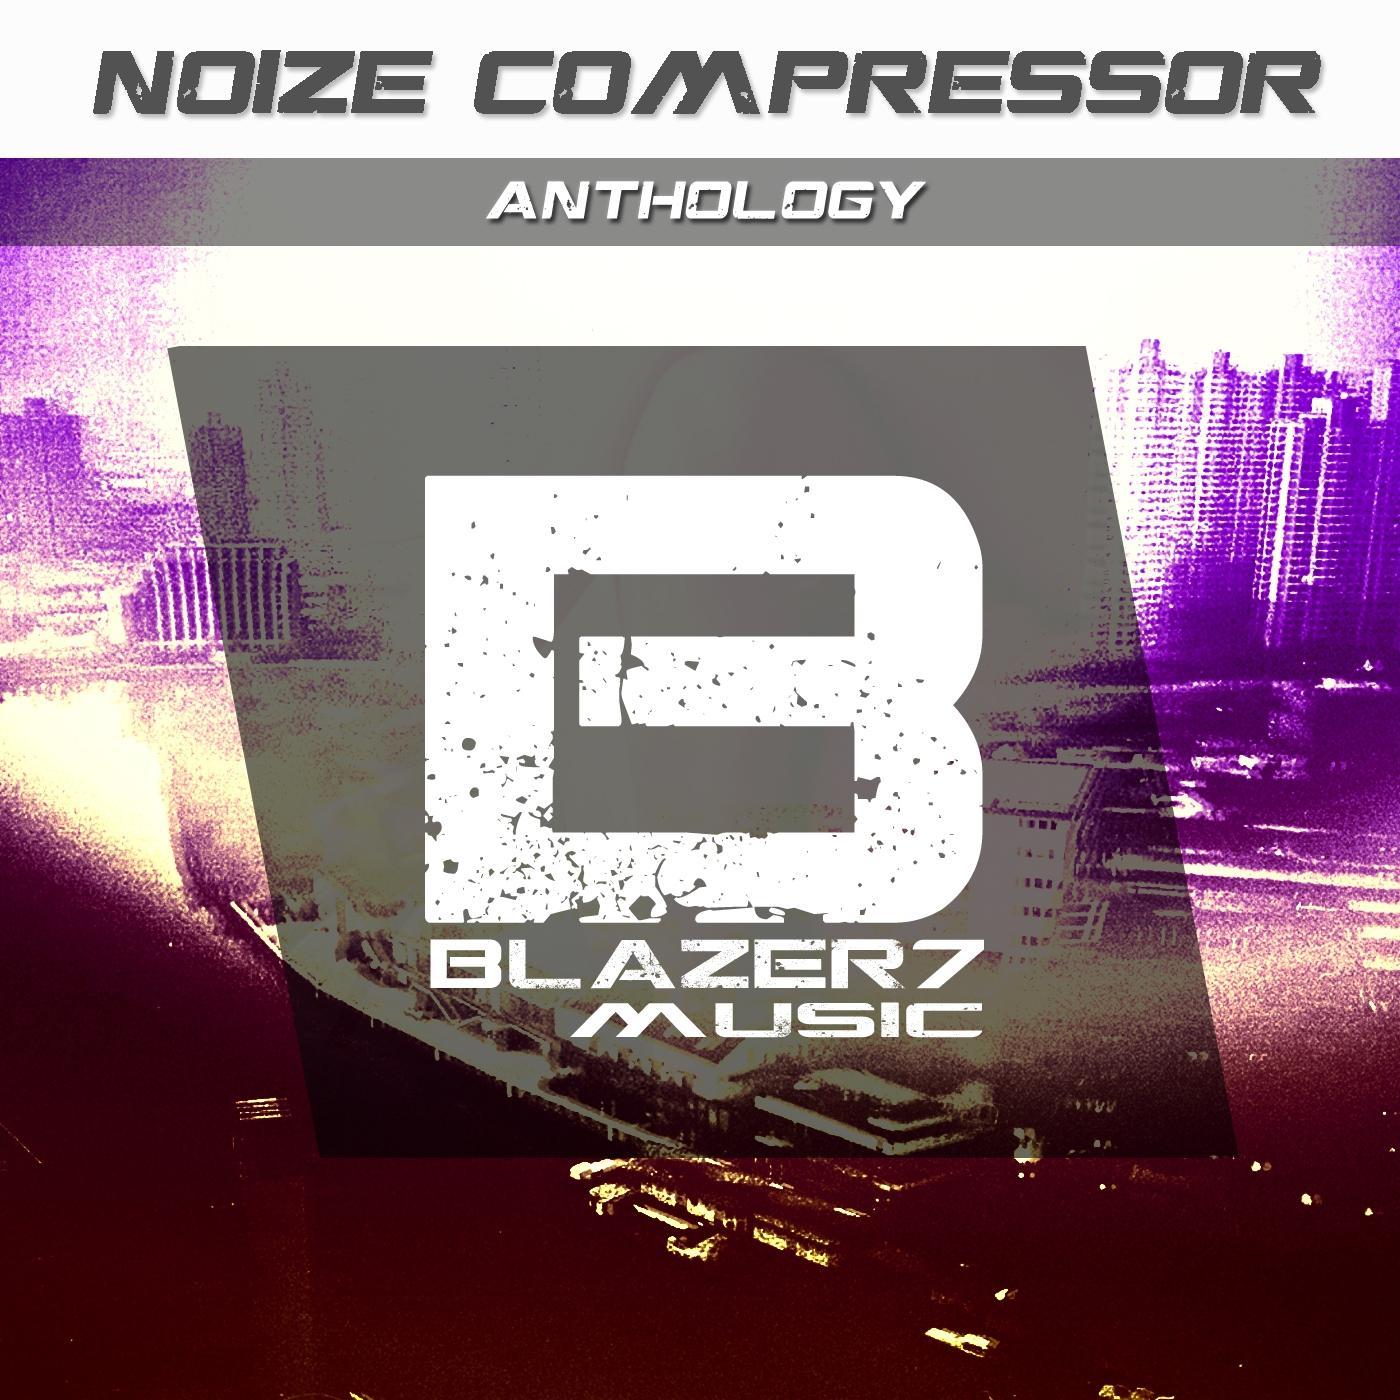 Noize Compressor - La Fiesta (Original Mix)